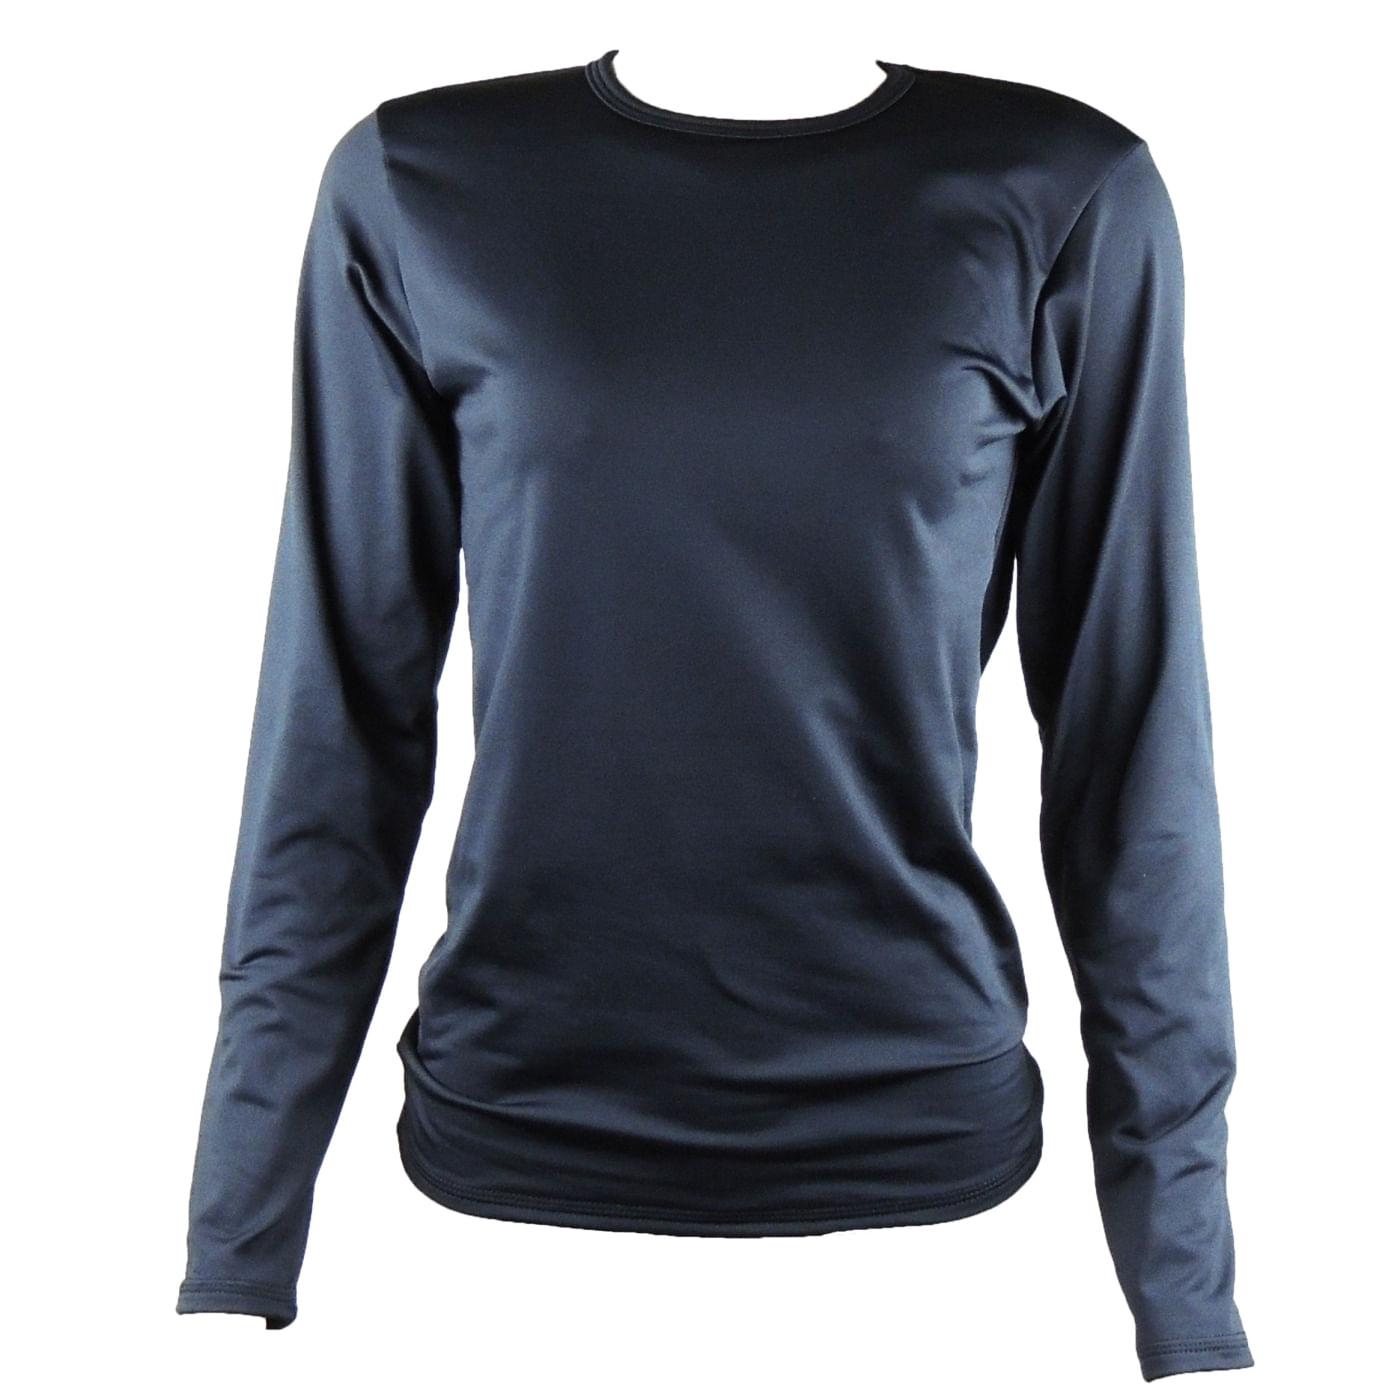 83f0fcd4e4 Blusa térmica segunda pele para o inverno e frio - fieroshop